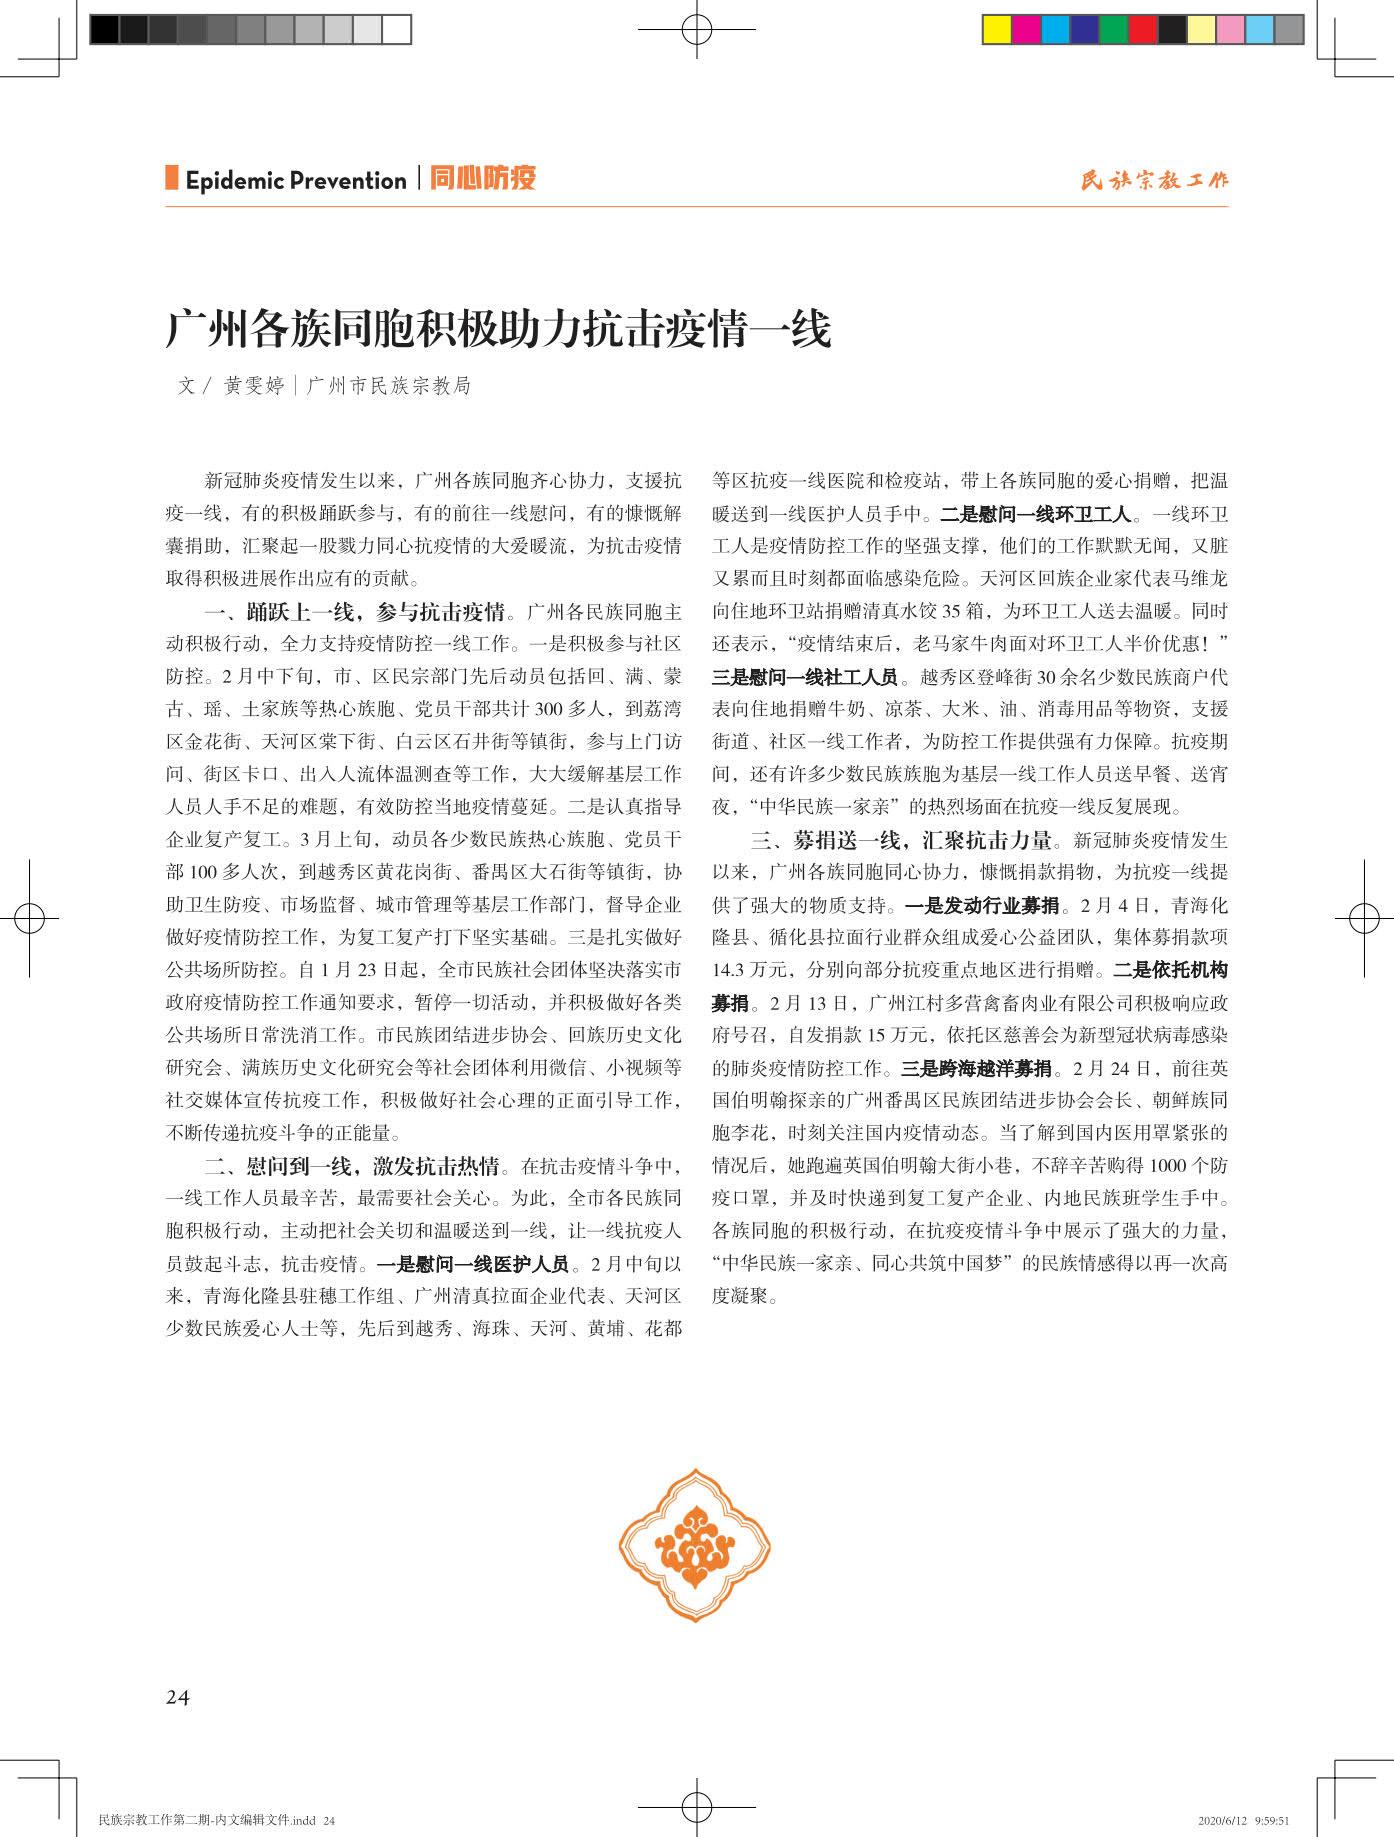 民族宗教工作第二期-内文20200612-蓝样_24.jpg